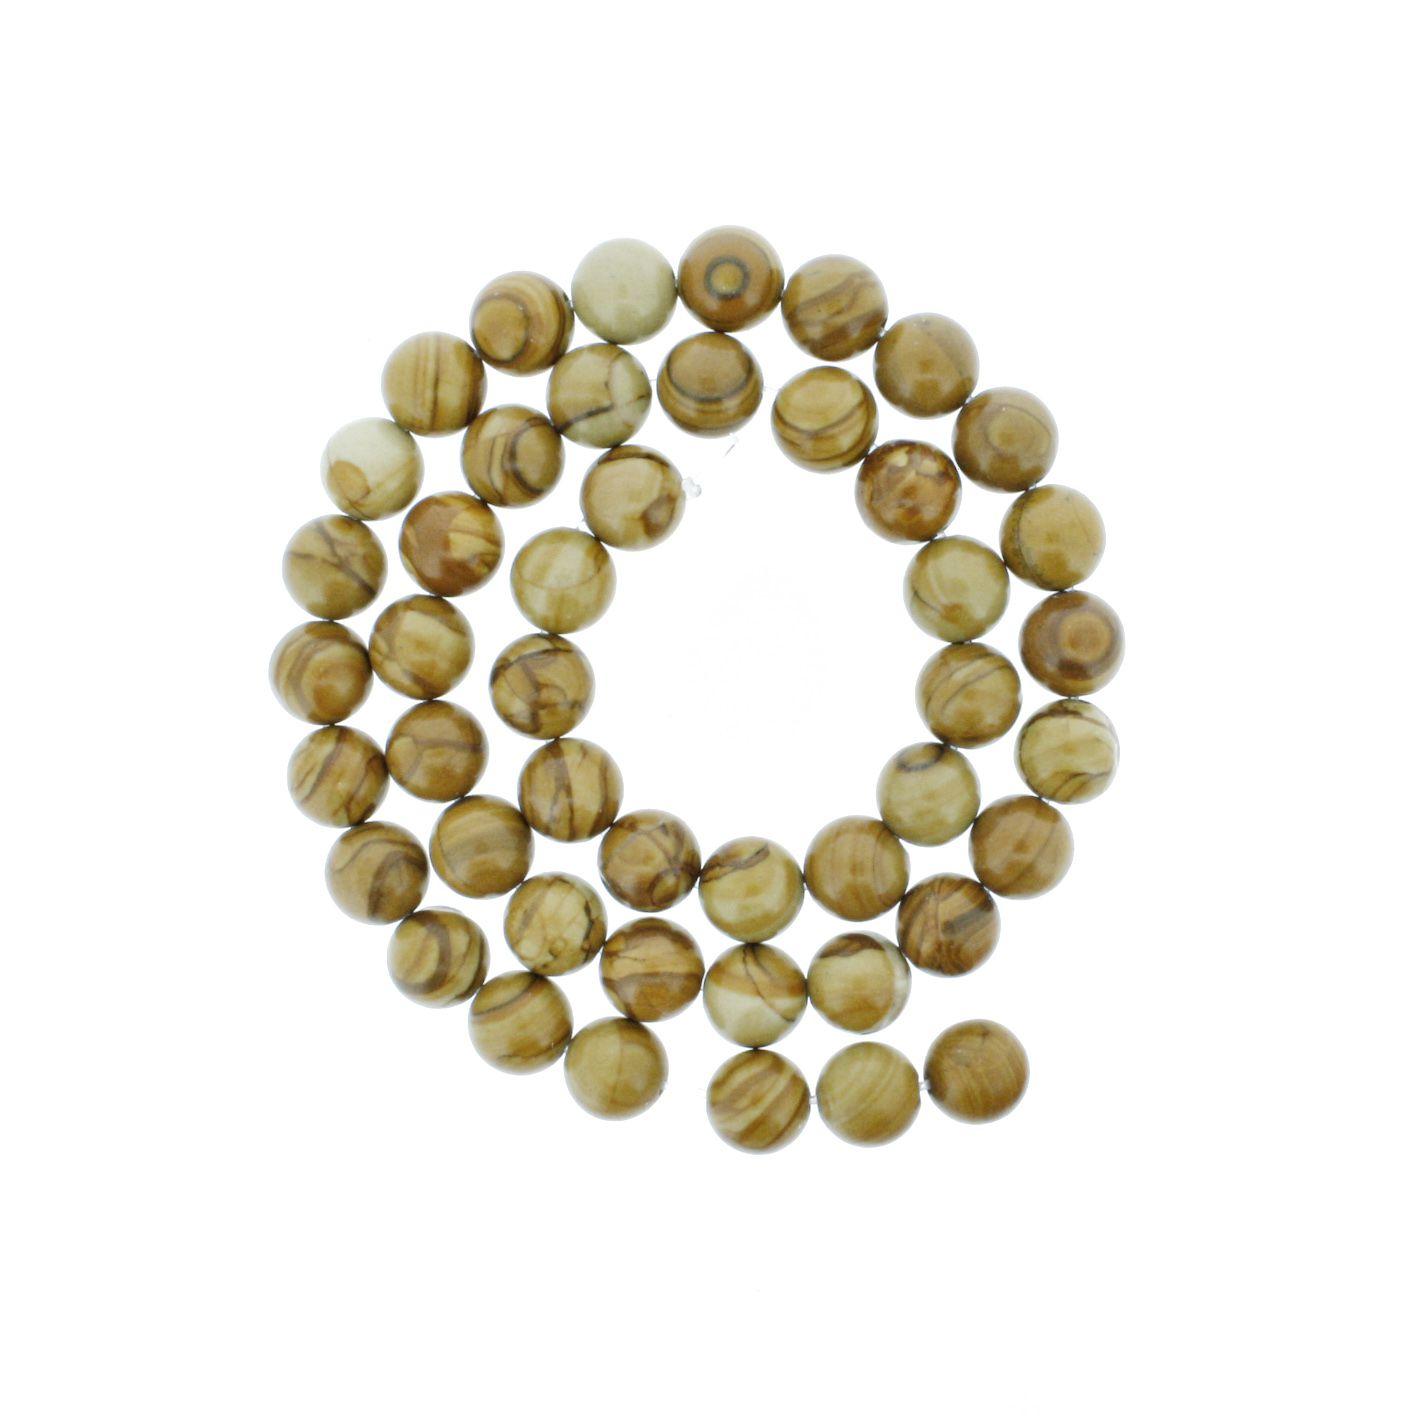 Fio de Pedra - Jaspe Madeira Linha - 8mm  - Stéphanie Bijoux® - Peças para Bijuterias e Artesanato